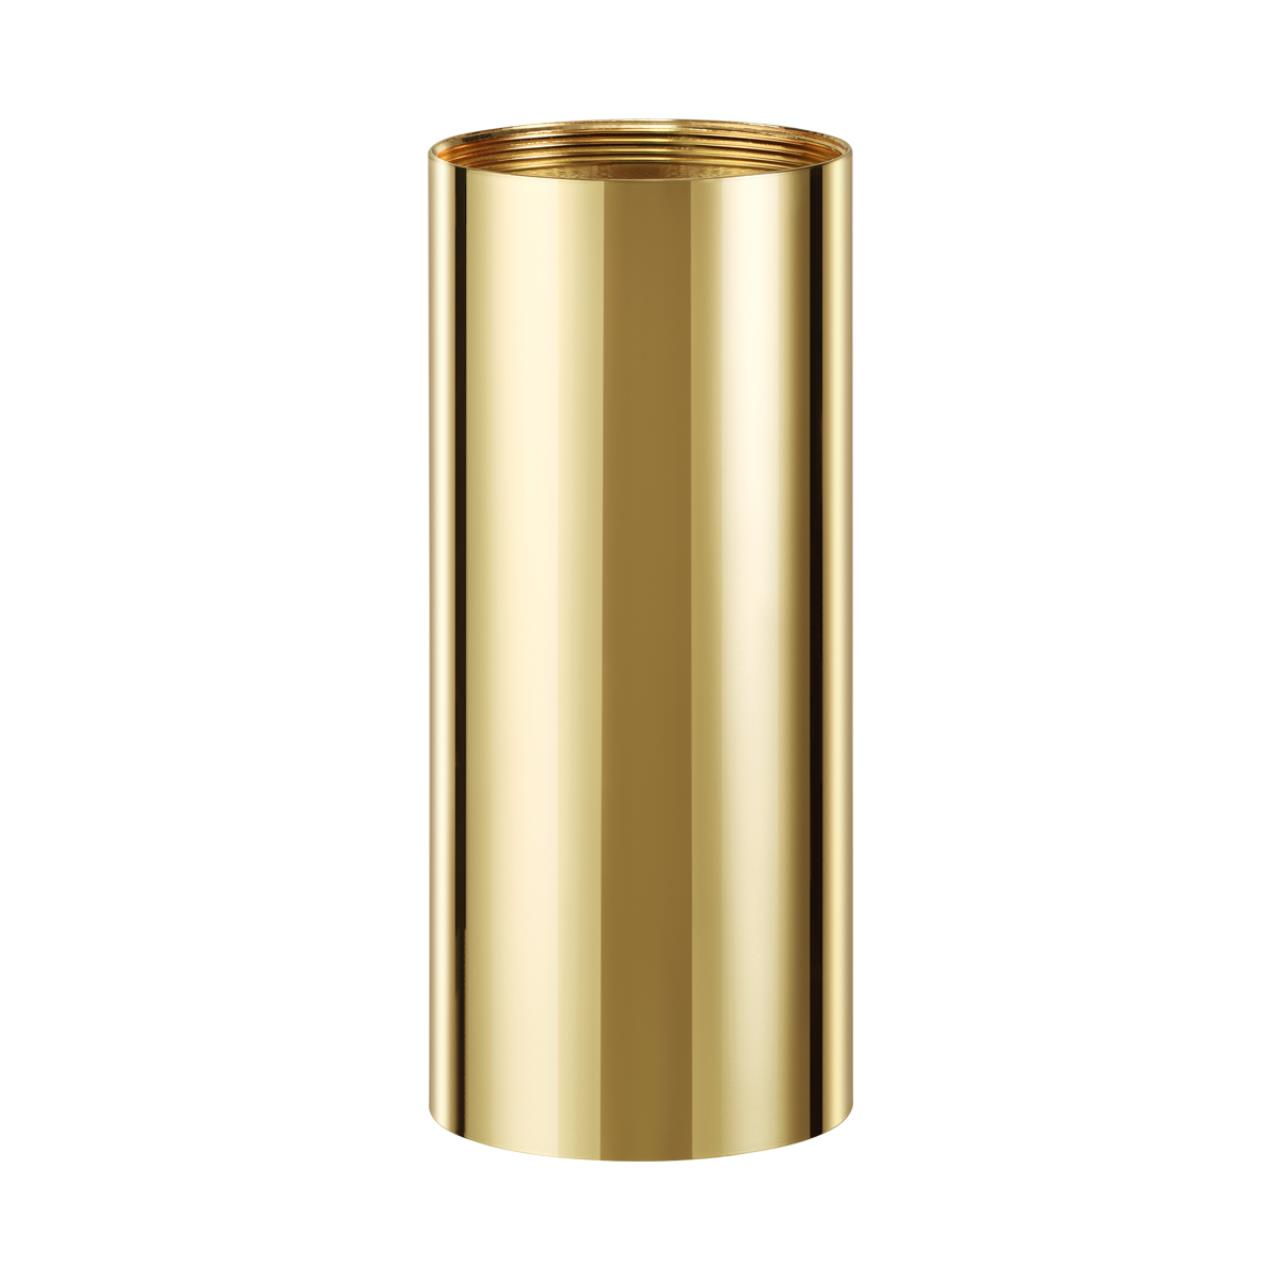 370699 KONST NT19 000 золото Плафон для арт. 370681-370693 IP20 UNITE